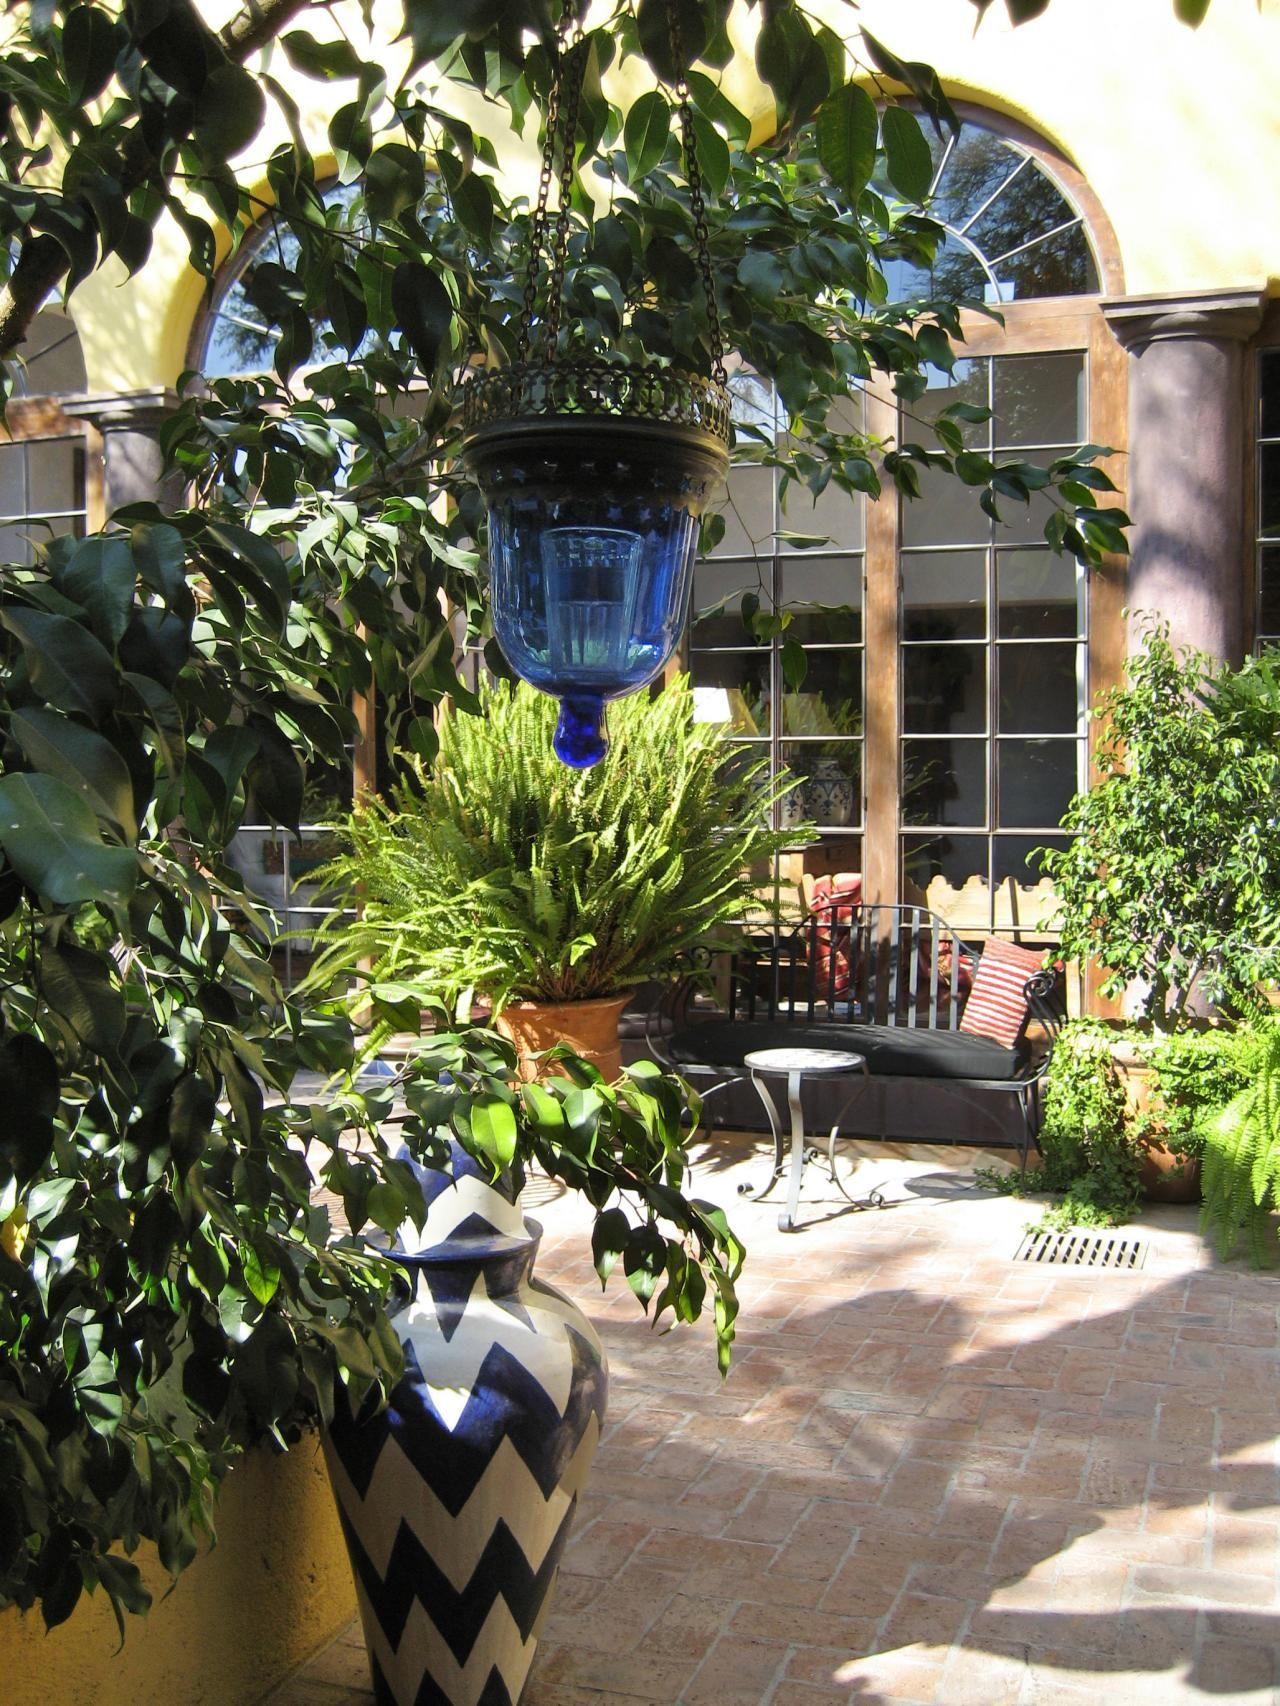 Small courtyard garden inspiration  Cozy Intimate Courtyards  Courtyard inspiration  Pinterest